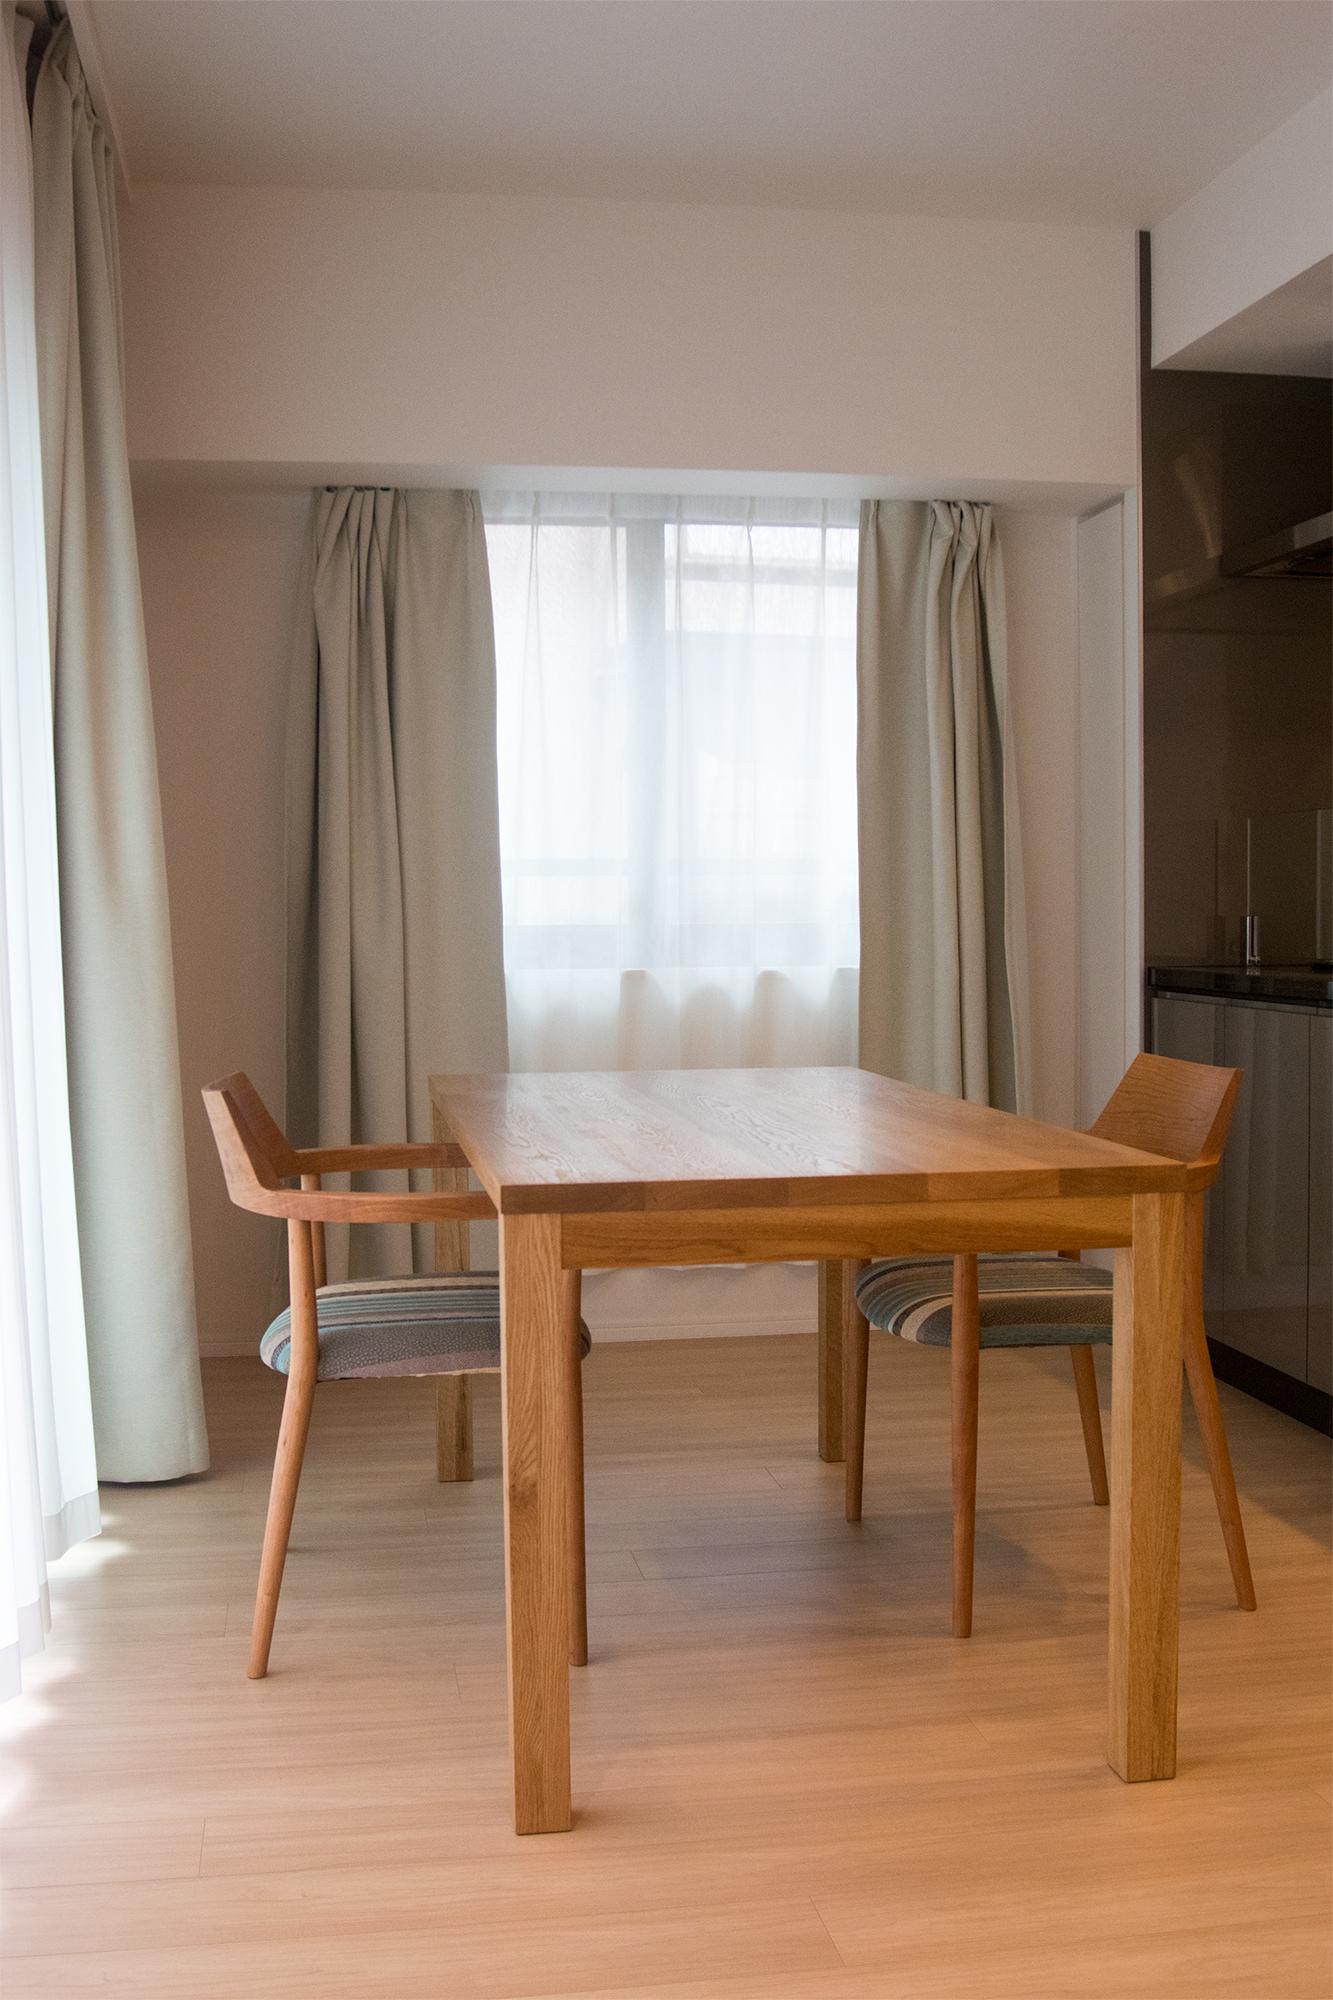 スタンダードテーブル・タイプ2をモダンなダイニングキッチンに合わせてご納品しました